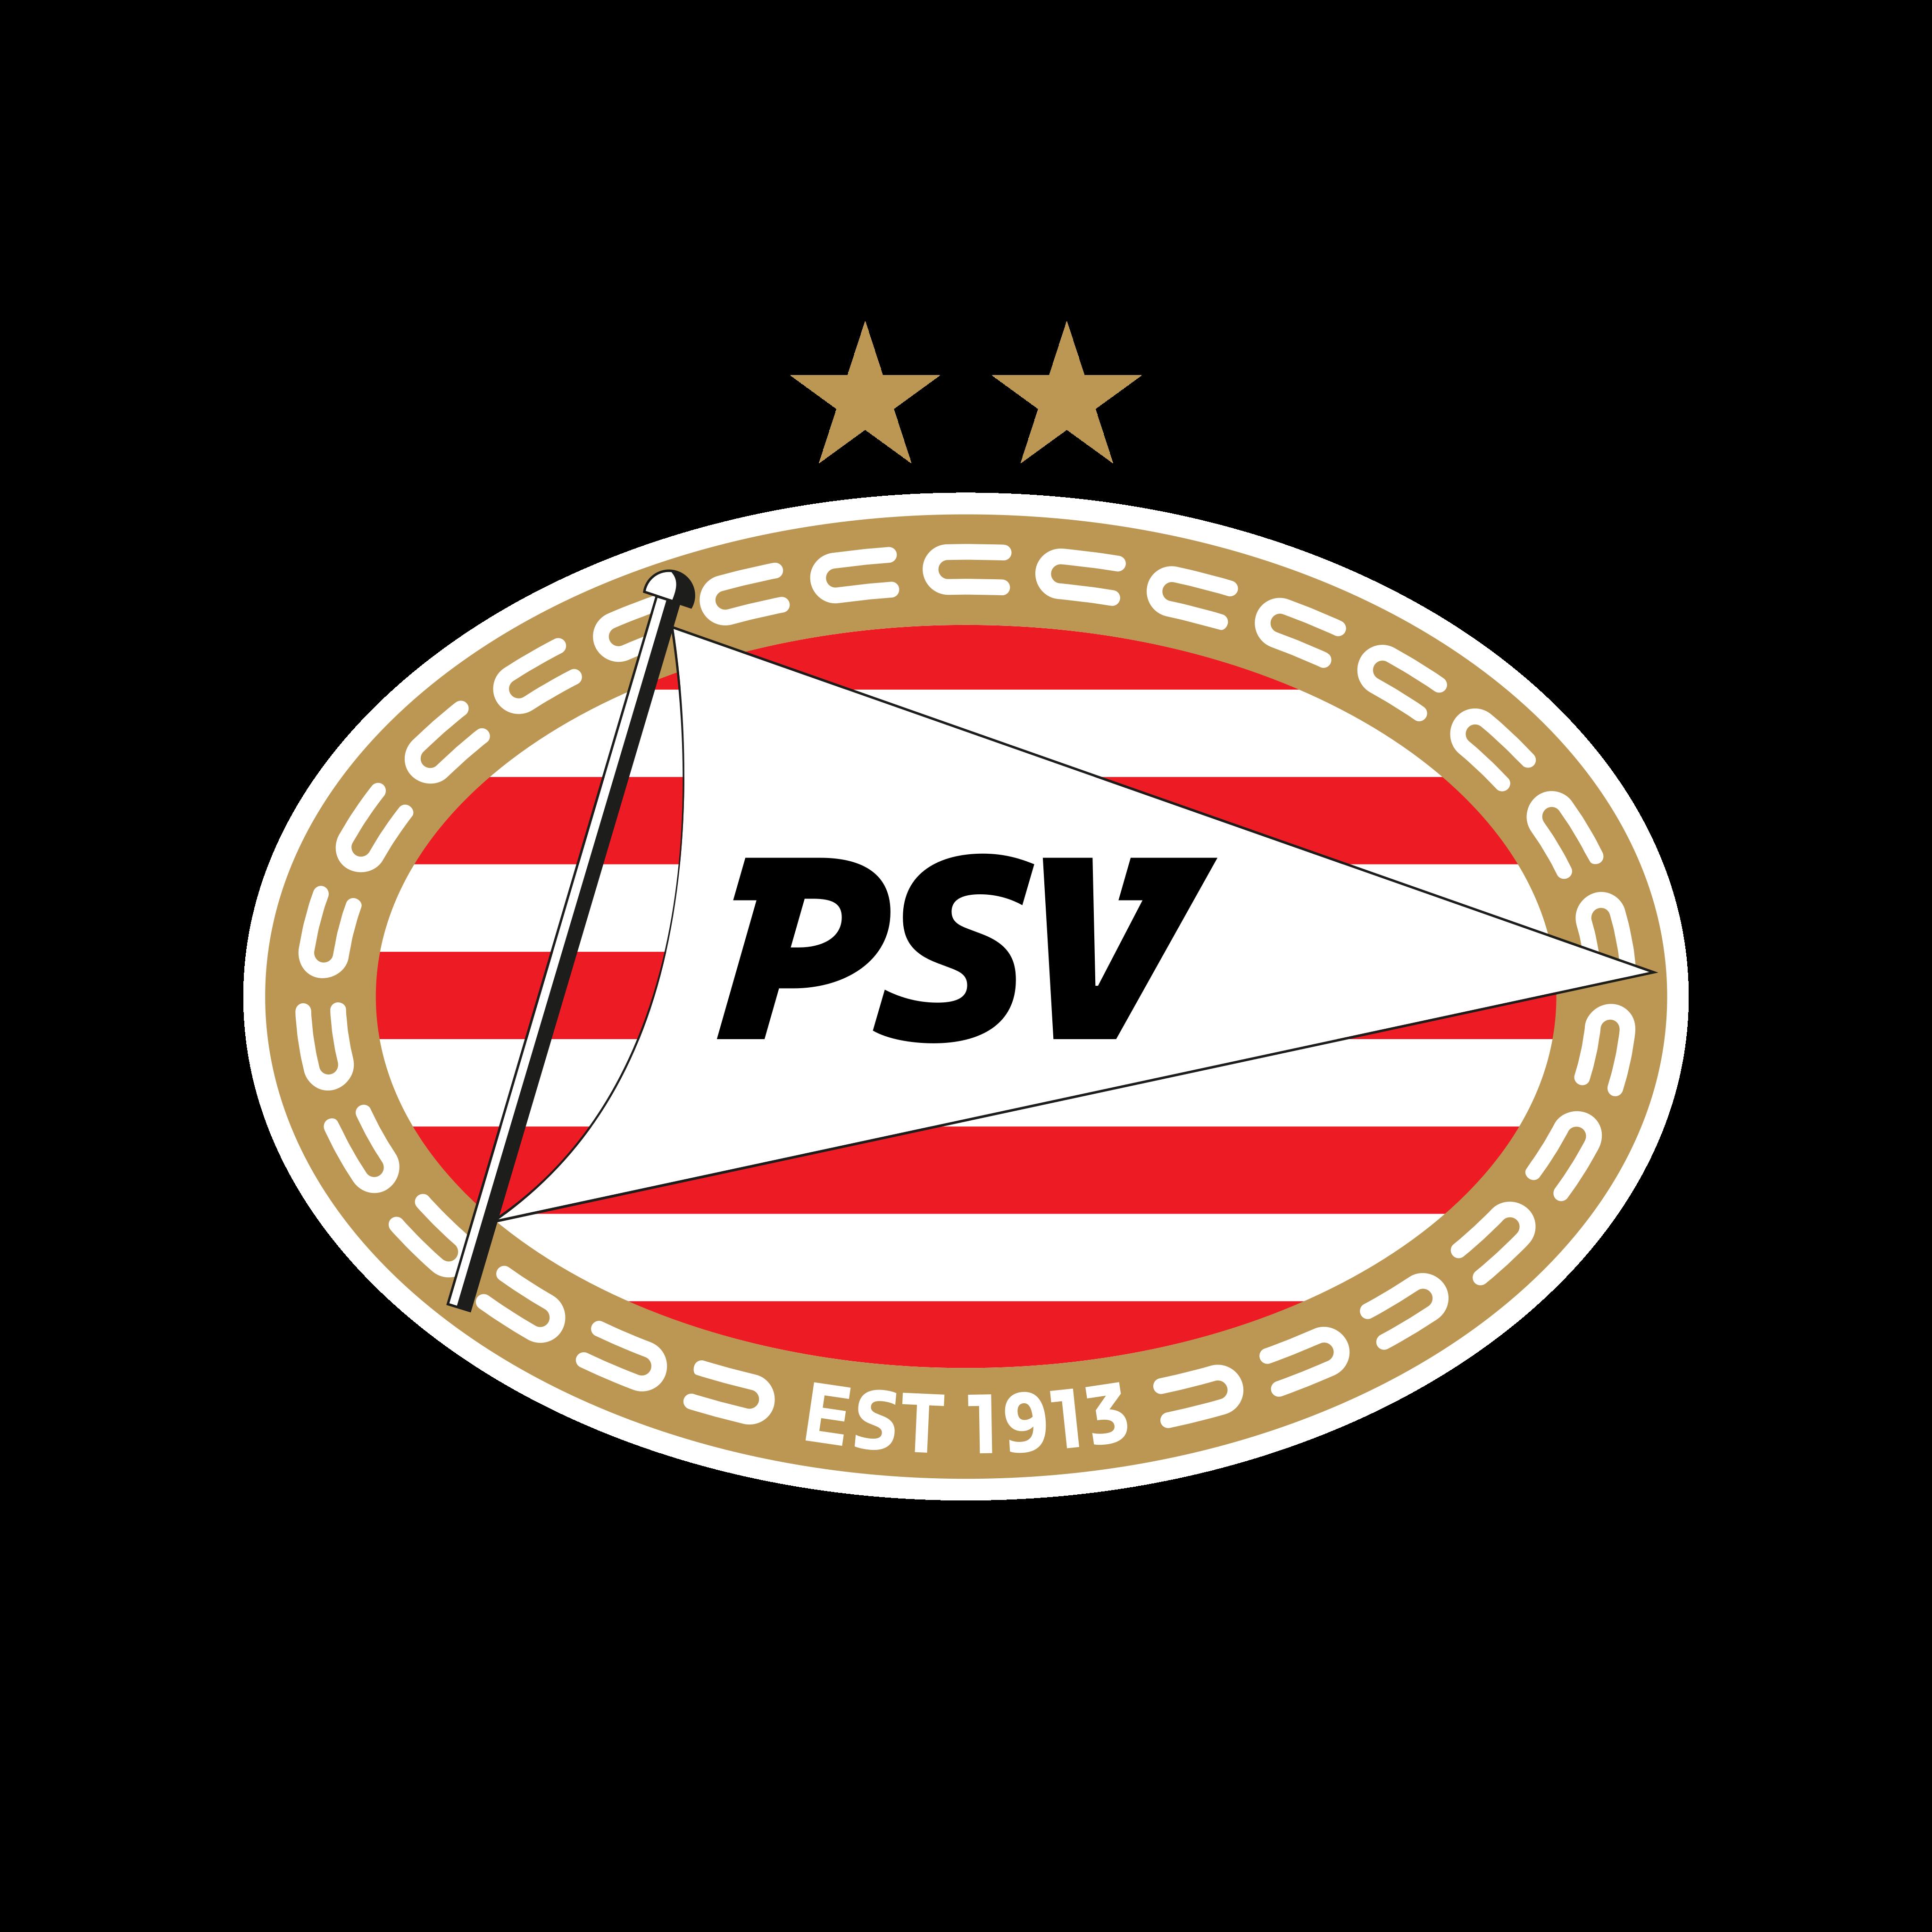 psv logo 0 - PSV Eindhoven Logo